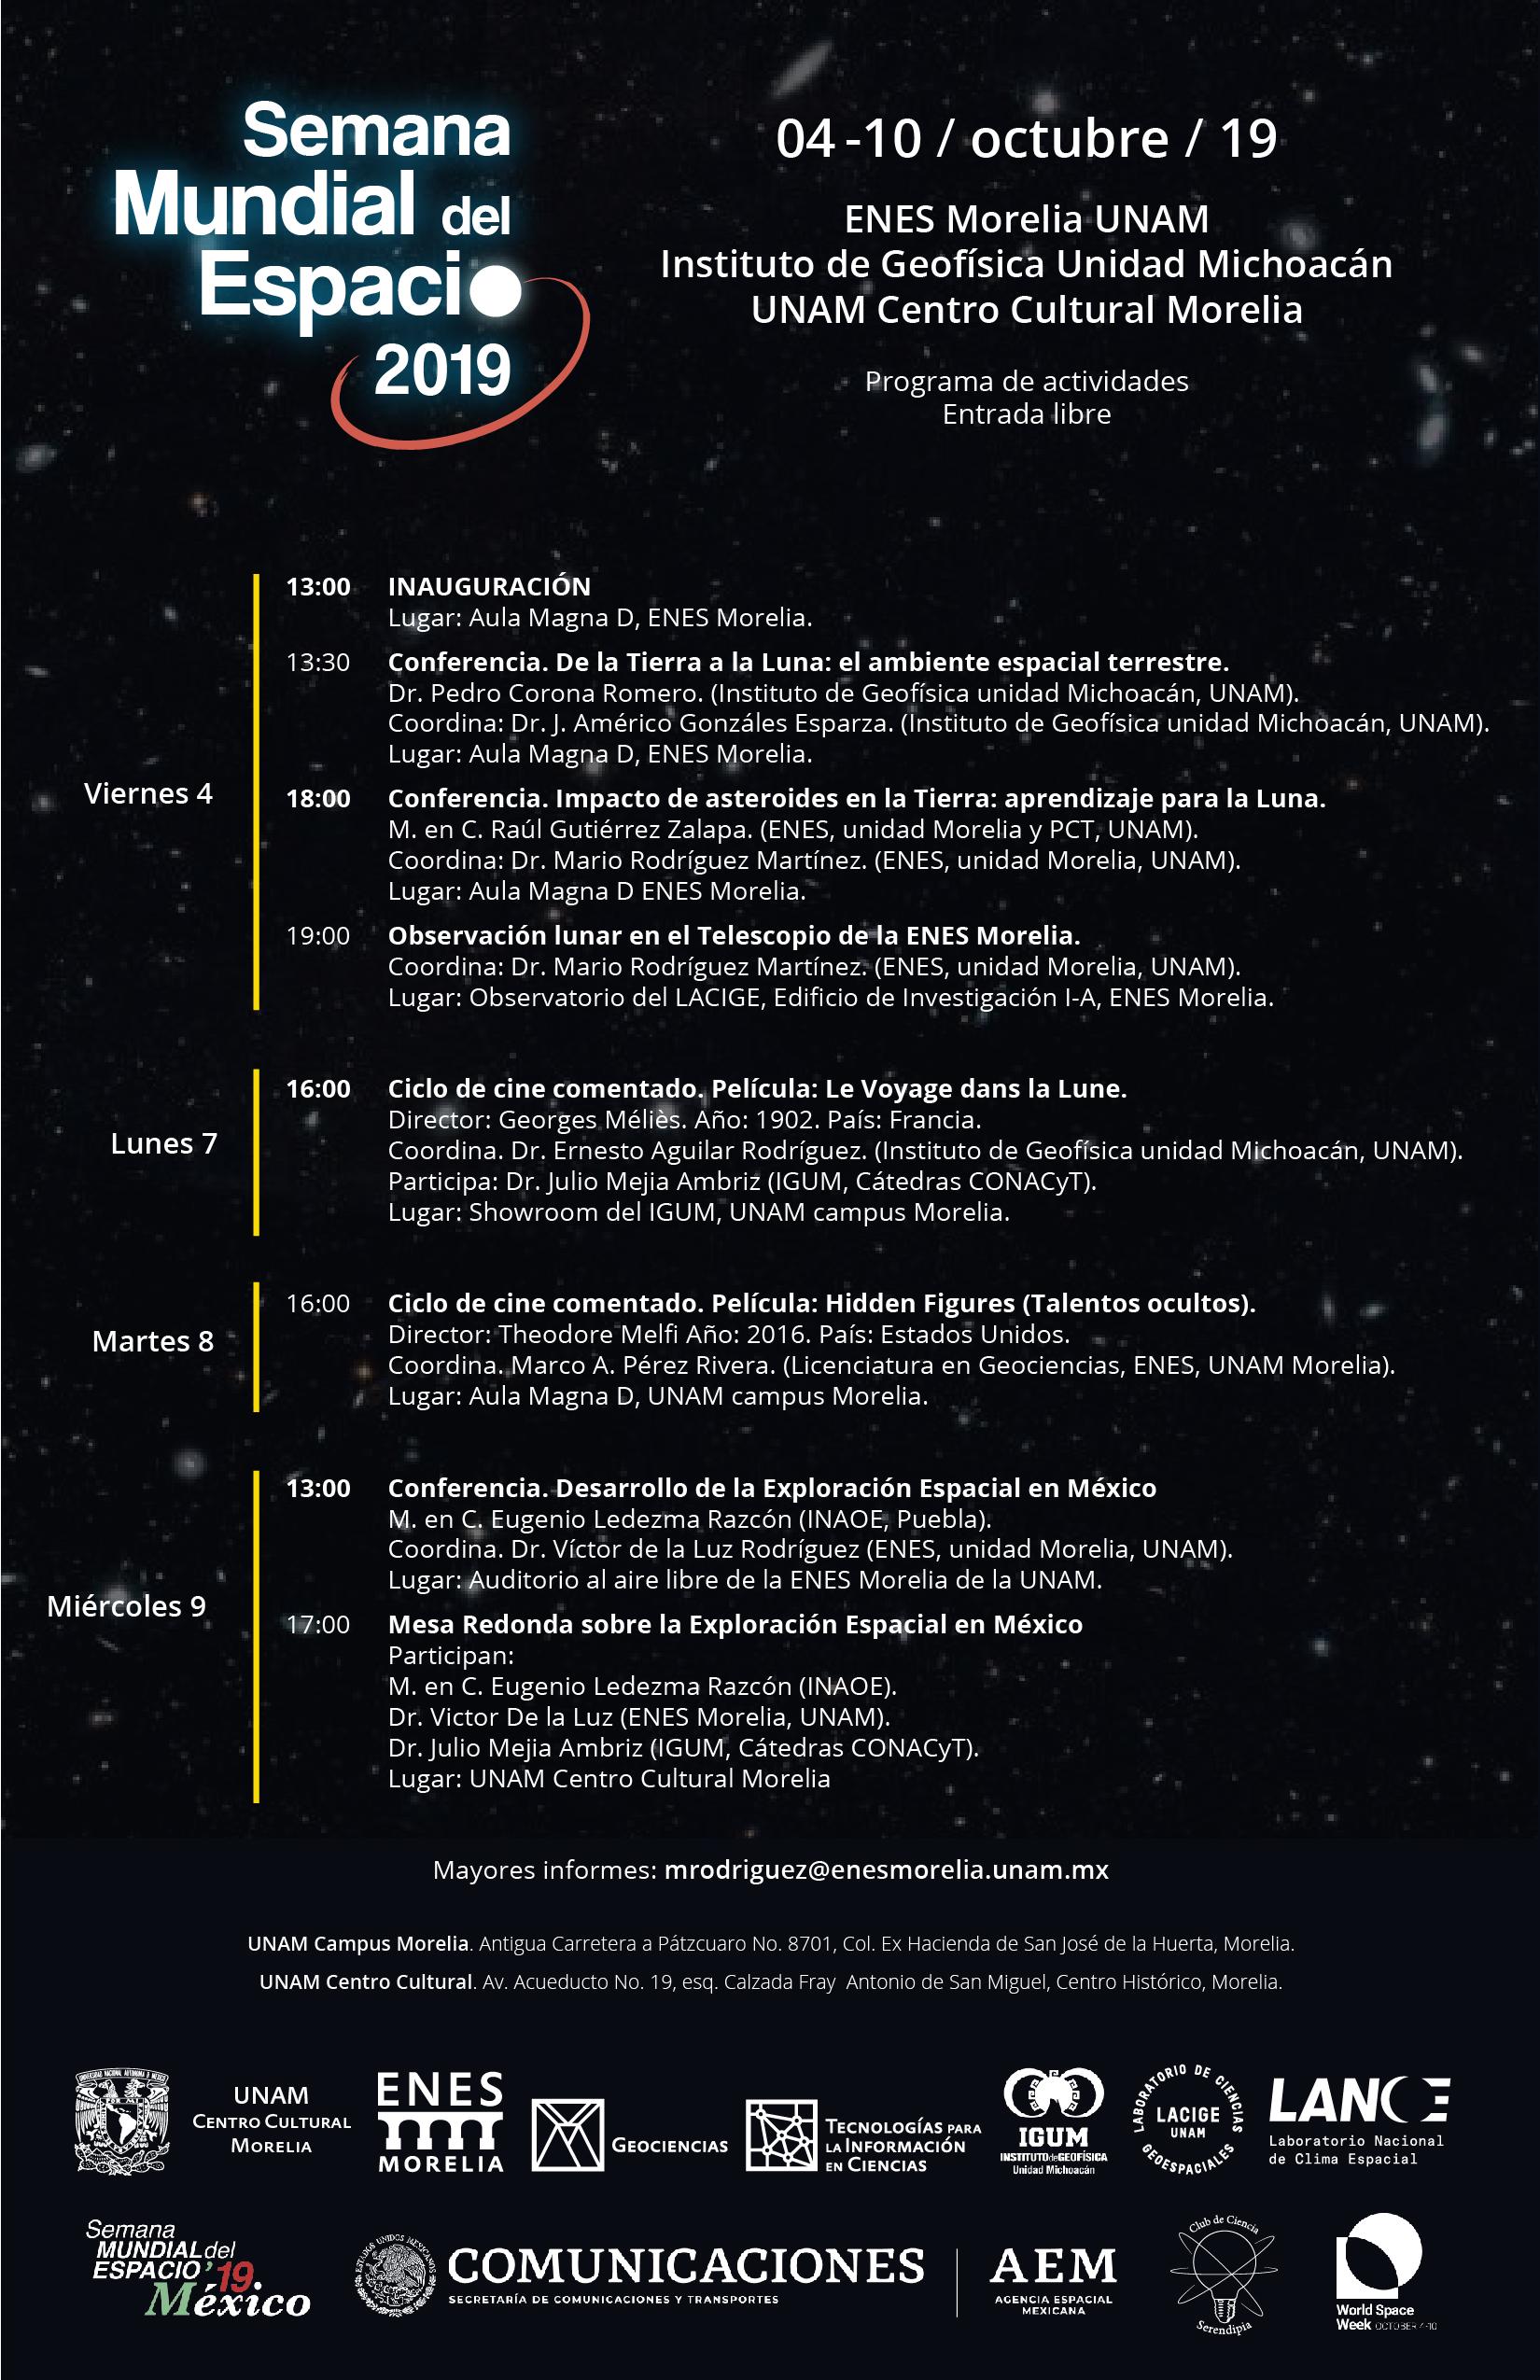 Semana-Mundial-Espacio-ENES-02